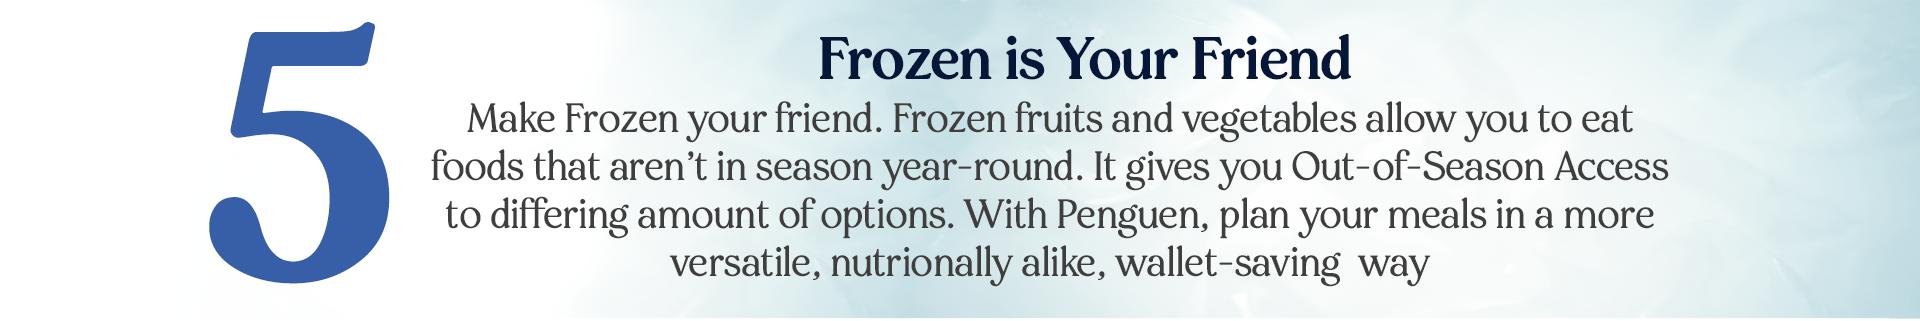 frozenfriend